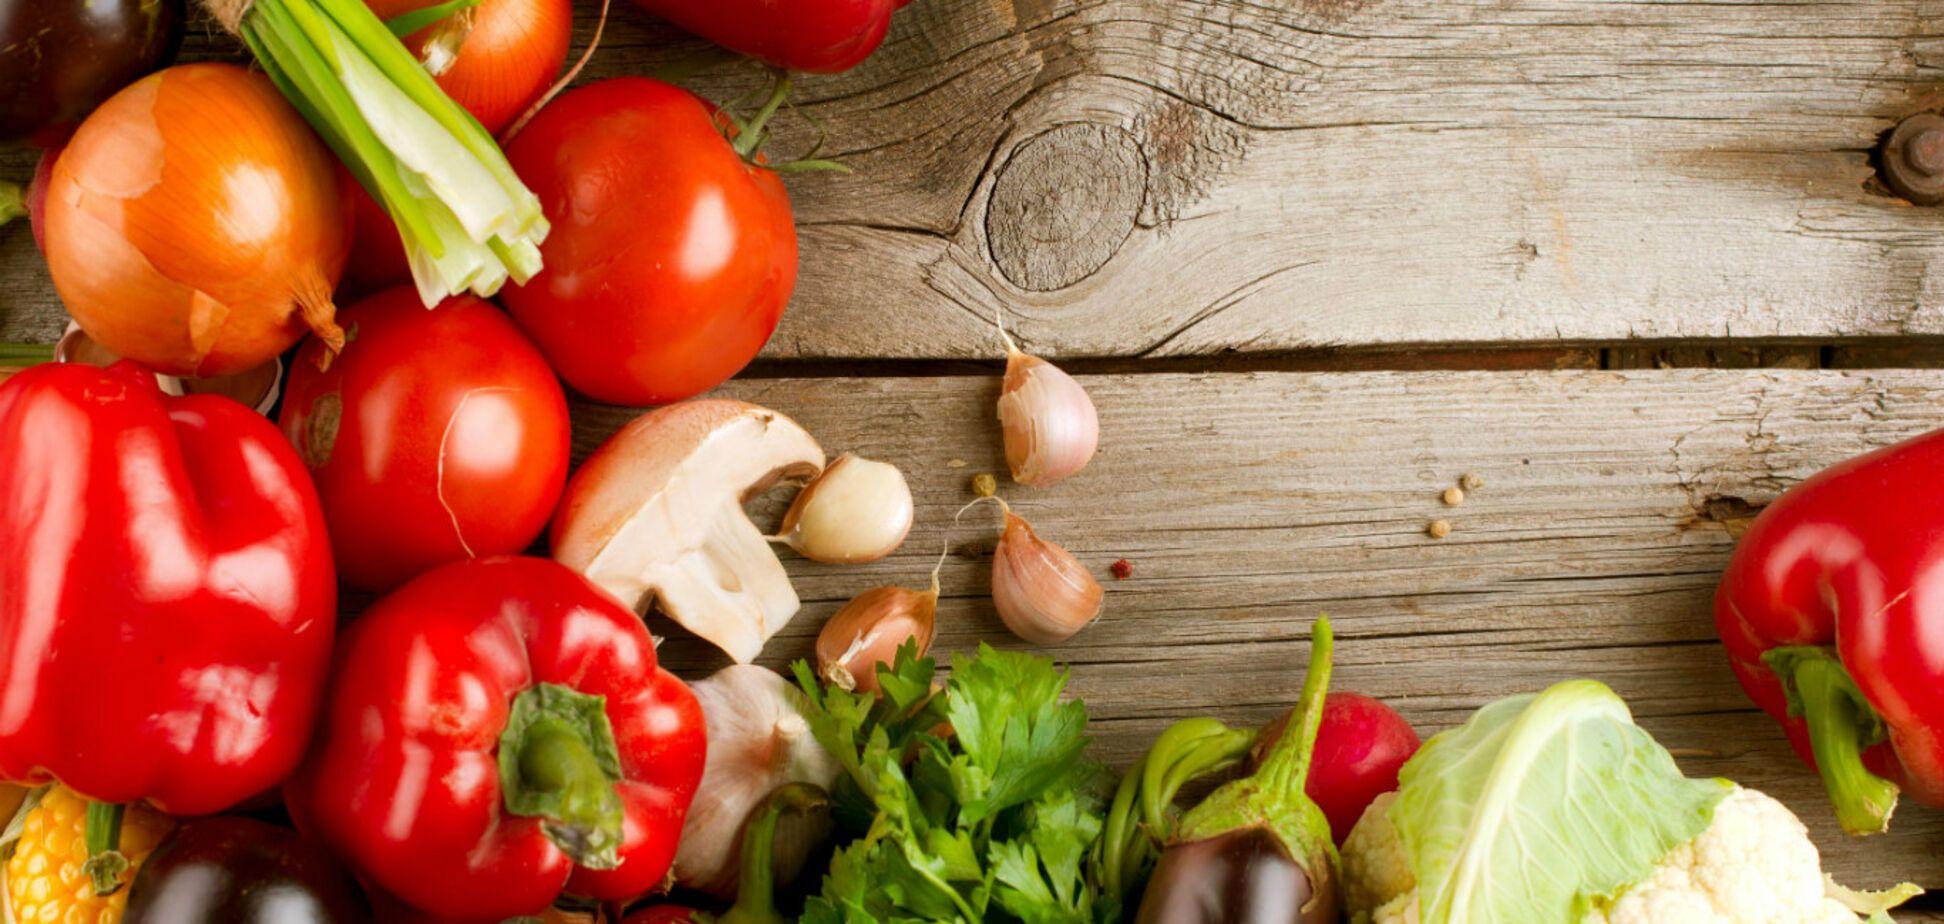 Оригинально и полезно: 3 легких салата для правильного питания